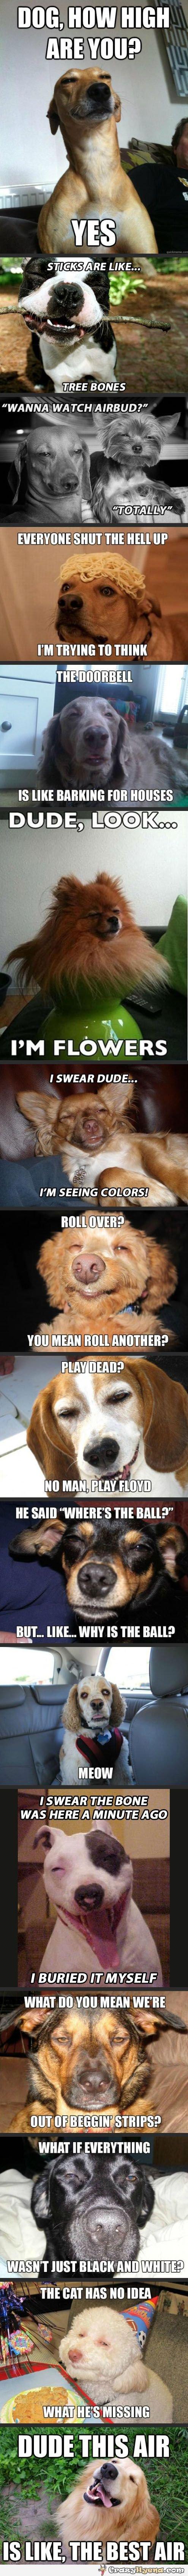 stonerhunde